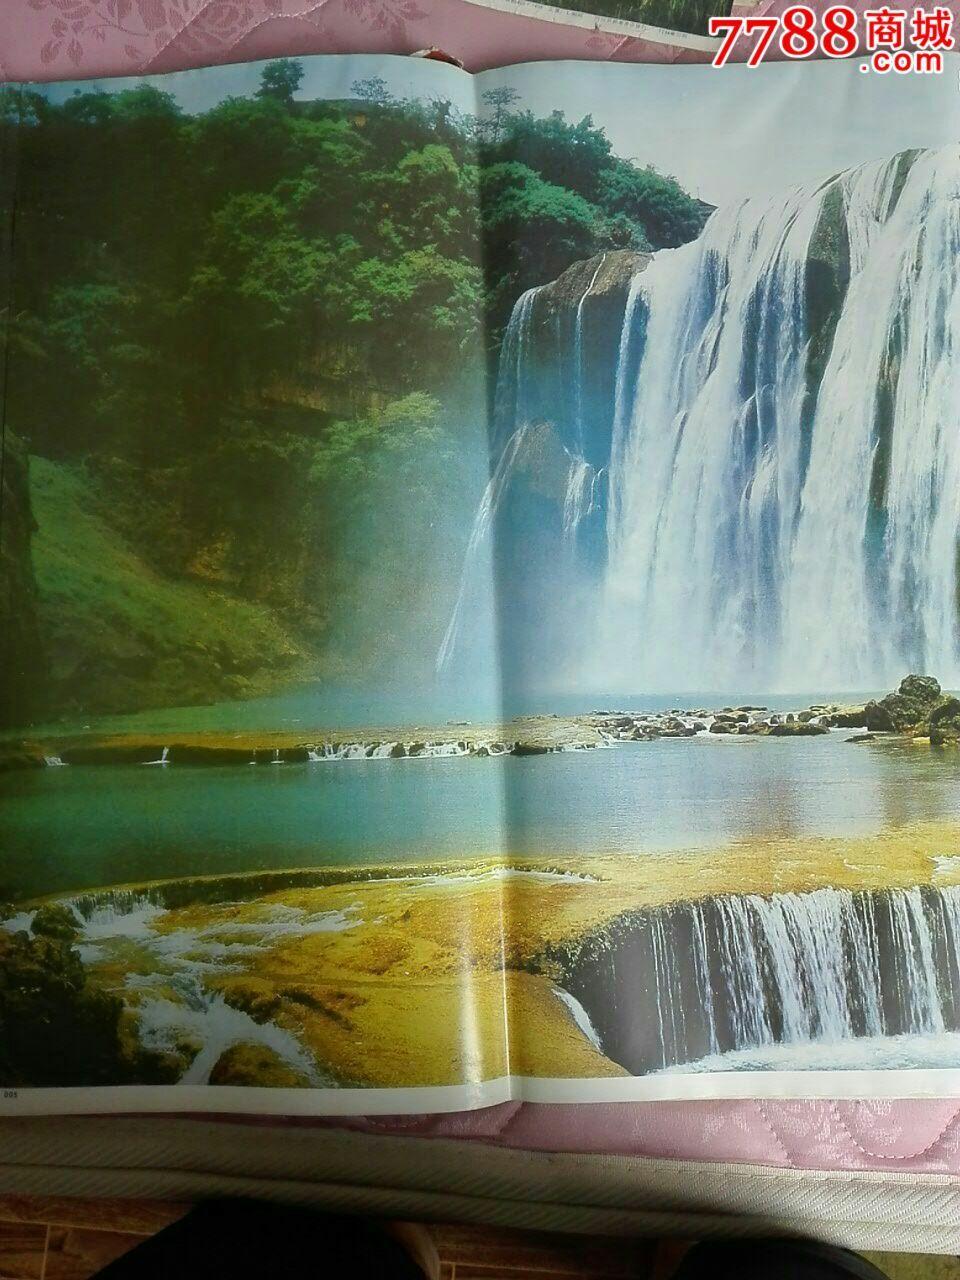 壁纸 风景 旅游 瀑布 山水 桌面 960_1280 竖版 竖屏 手机